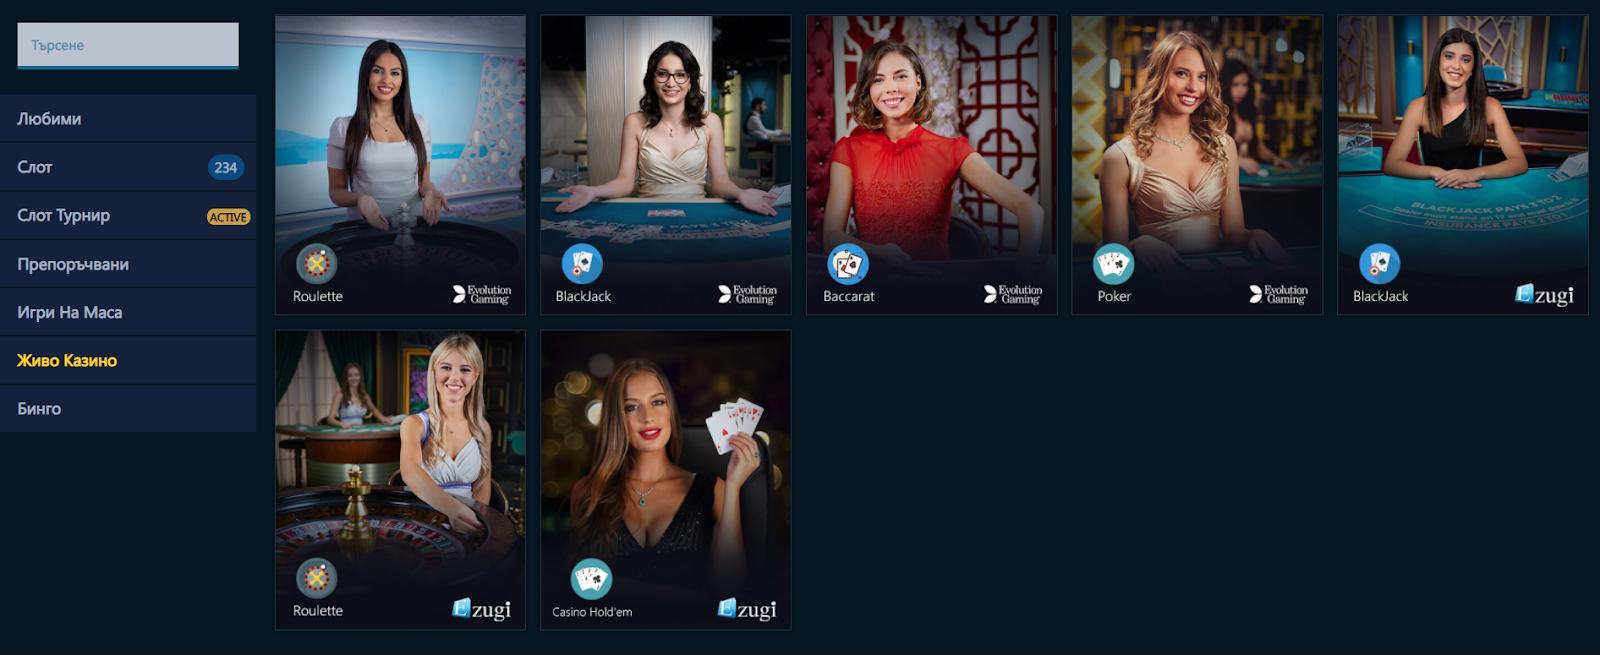 palms bet live casino-komarbet.com